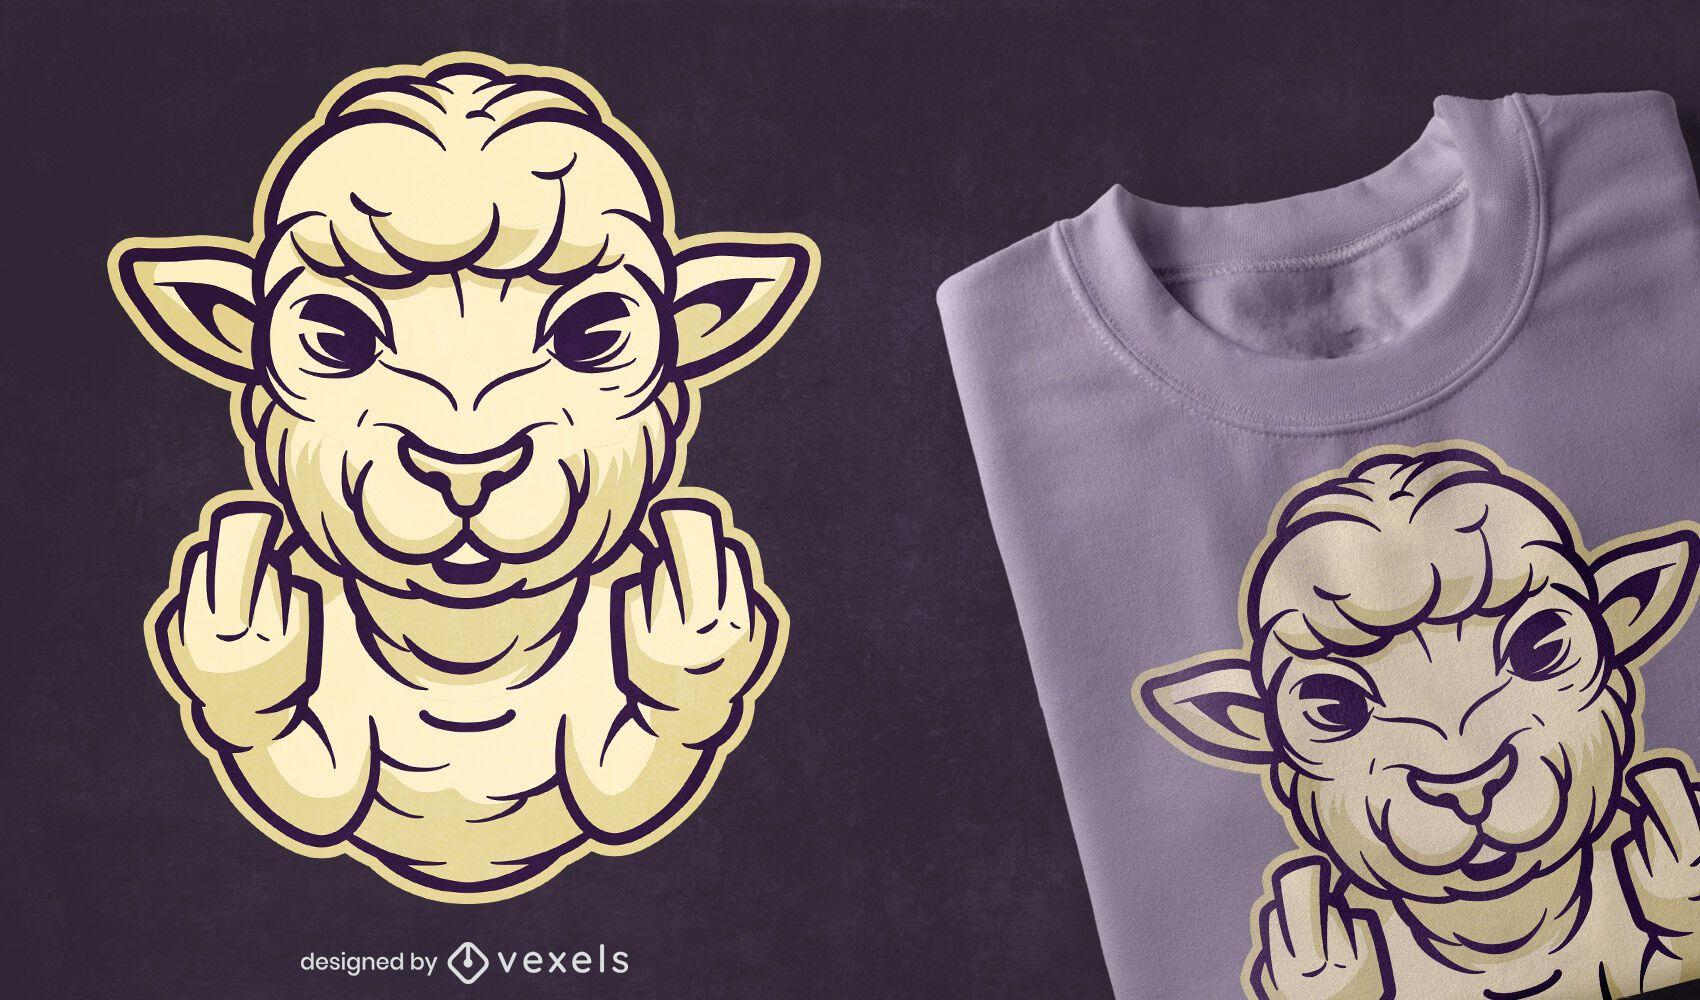 Dise?o de camiseta de dedo medio de oveja.